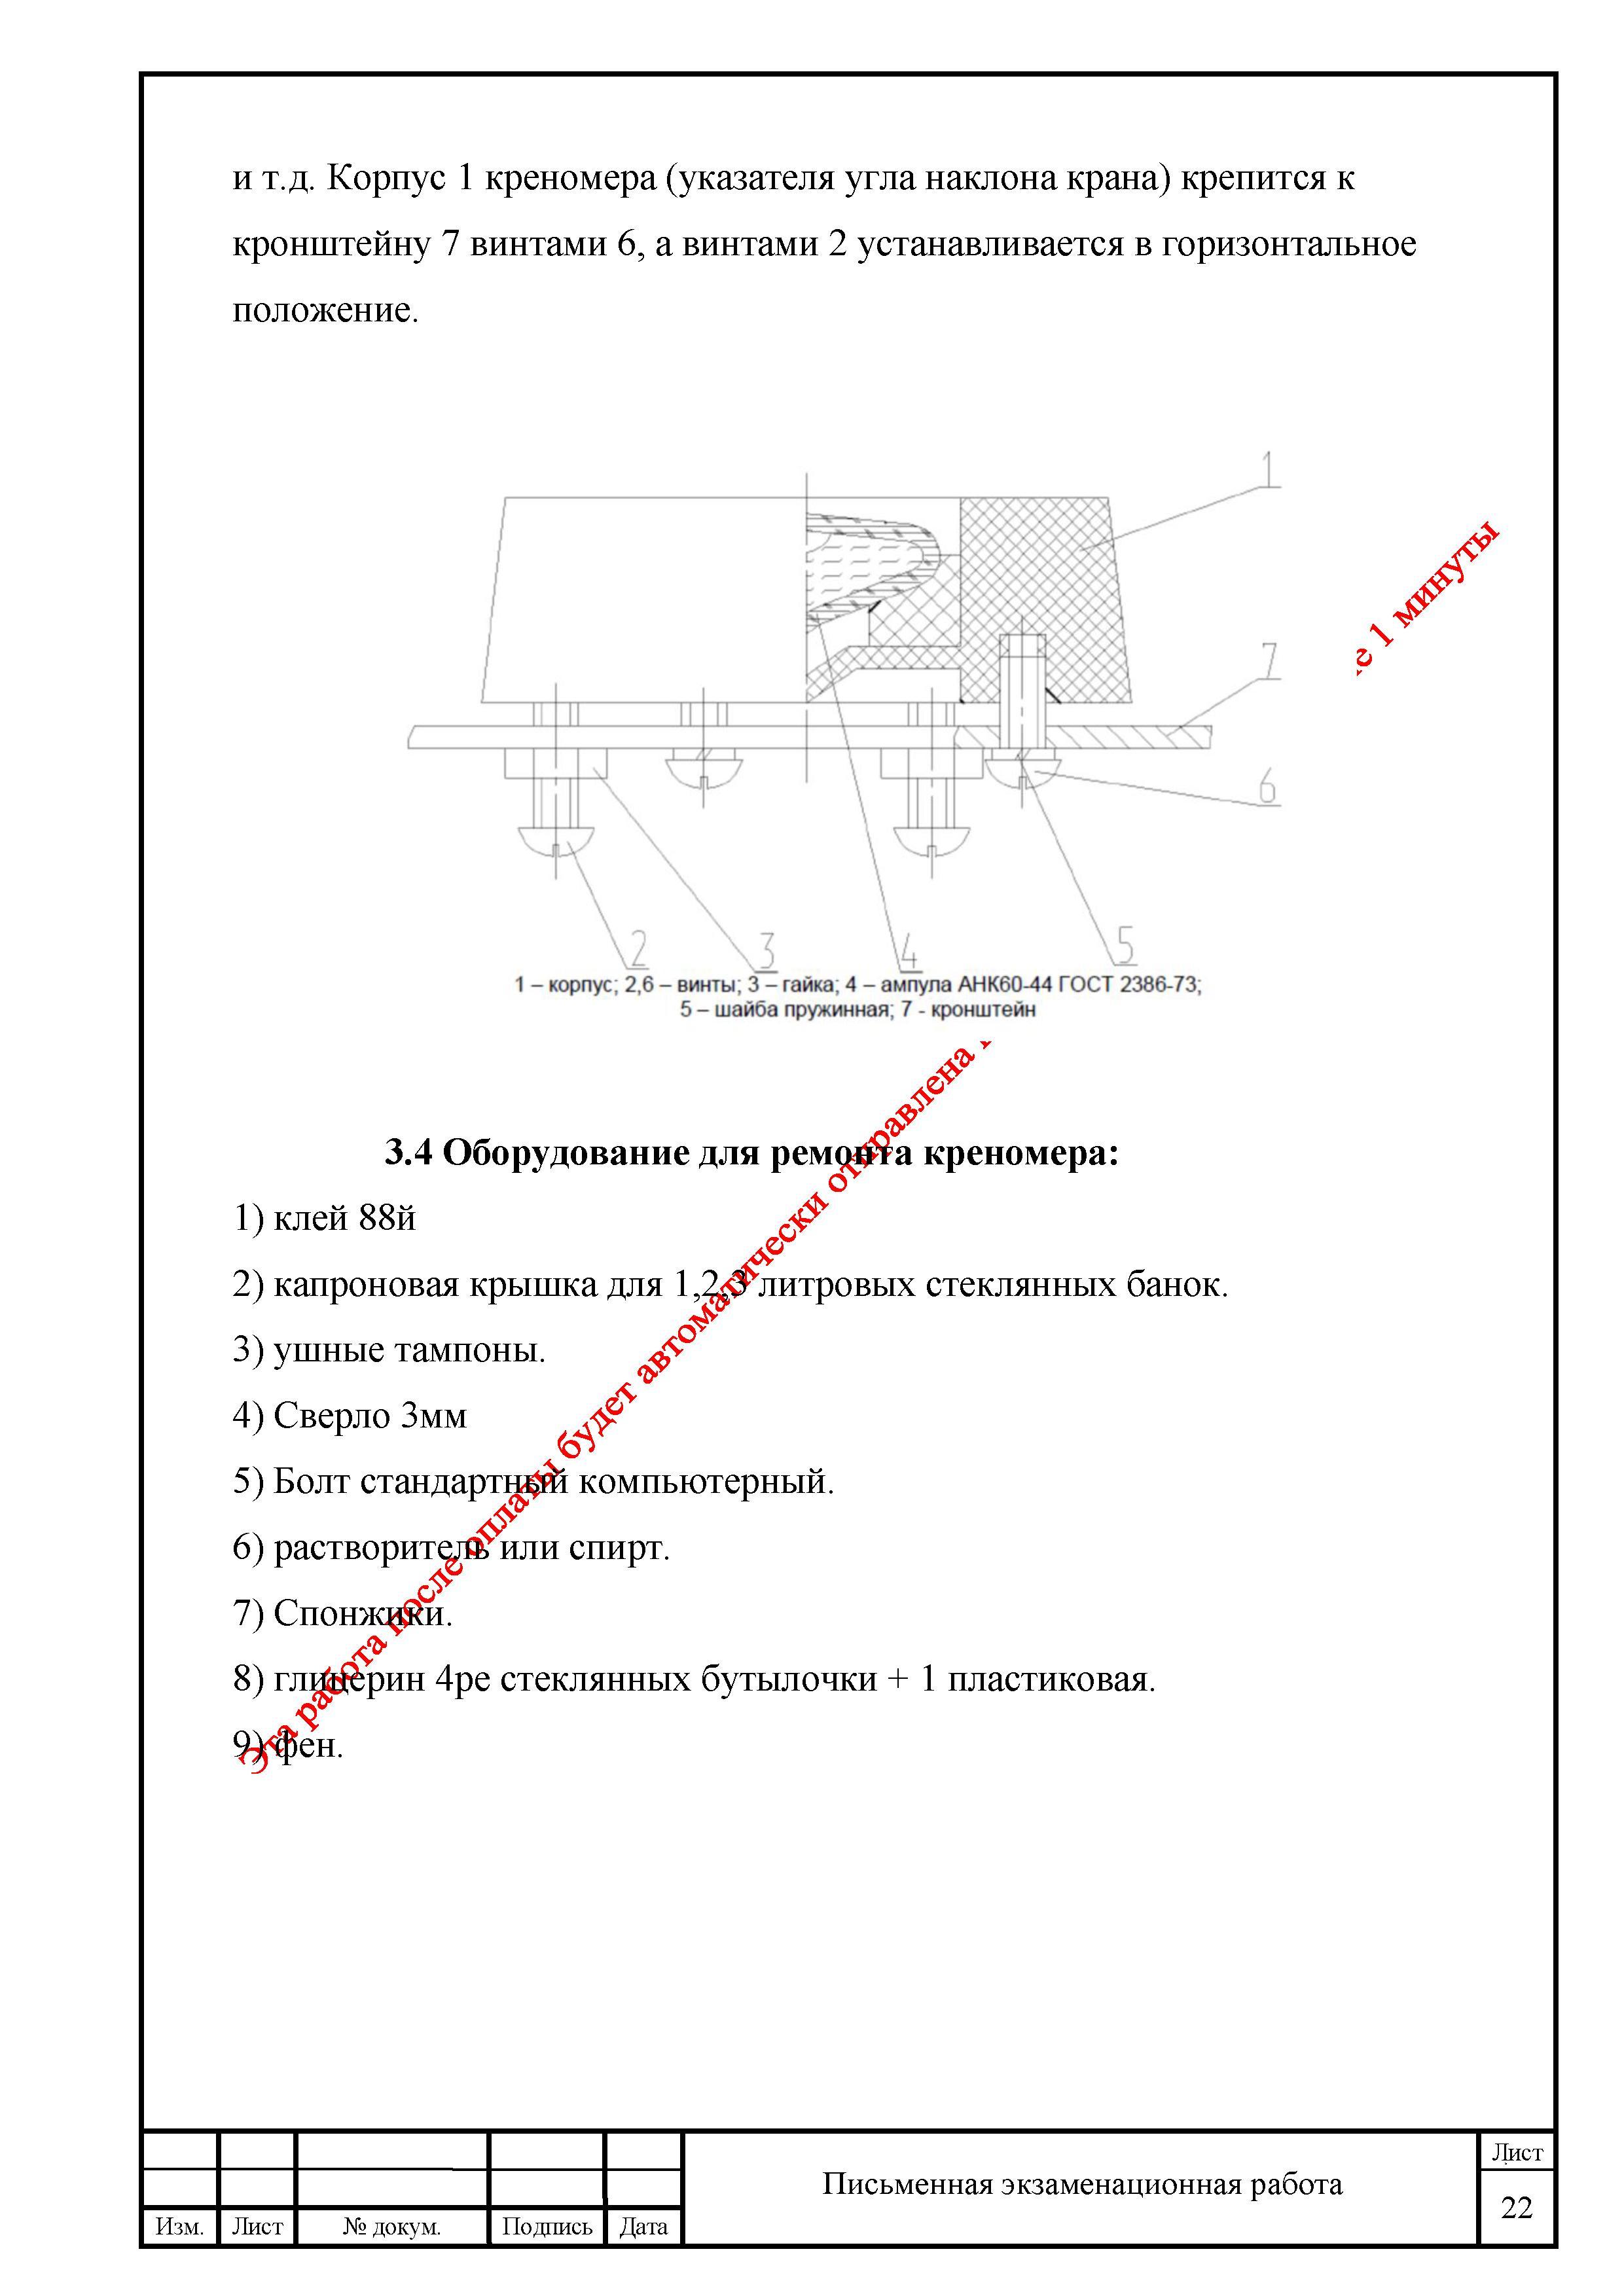 Дипломная работа автокрановщик приборы безопасности креномер